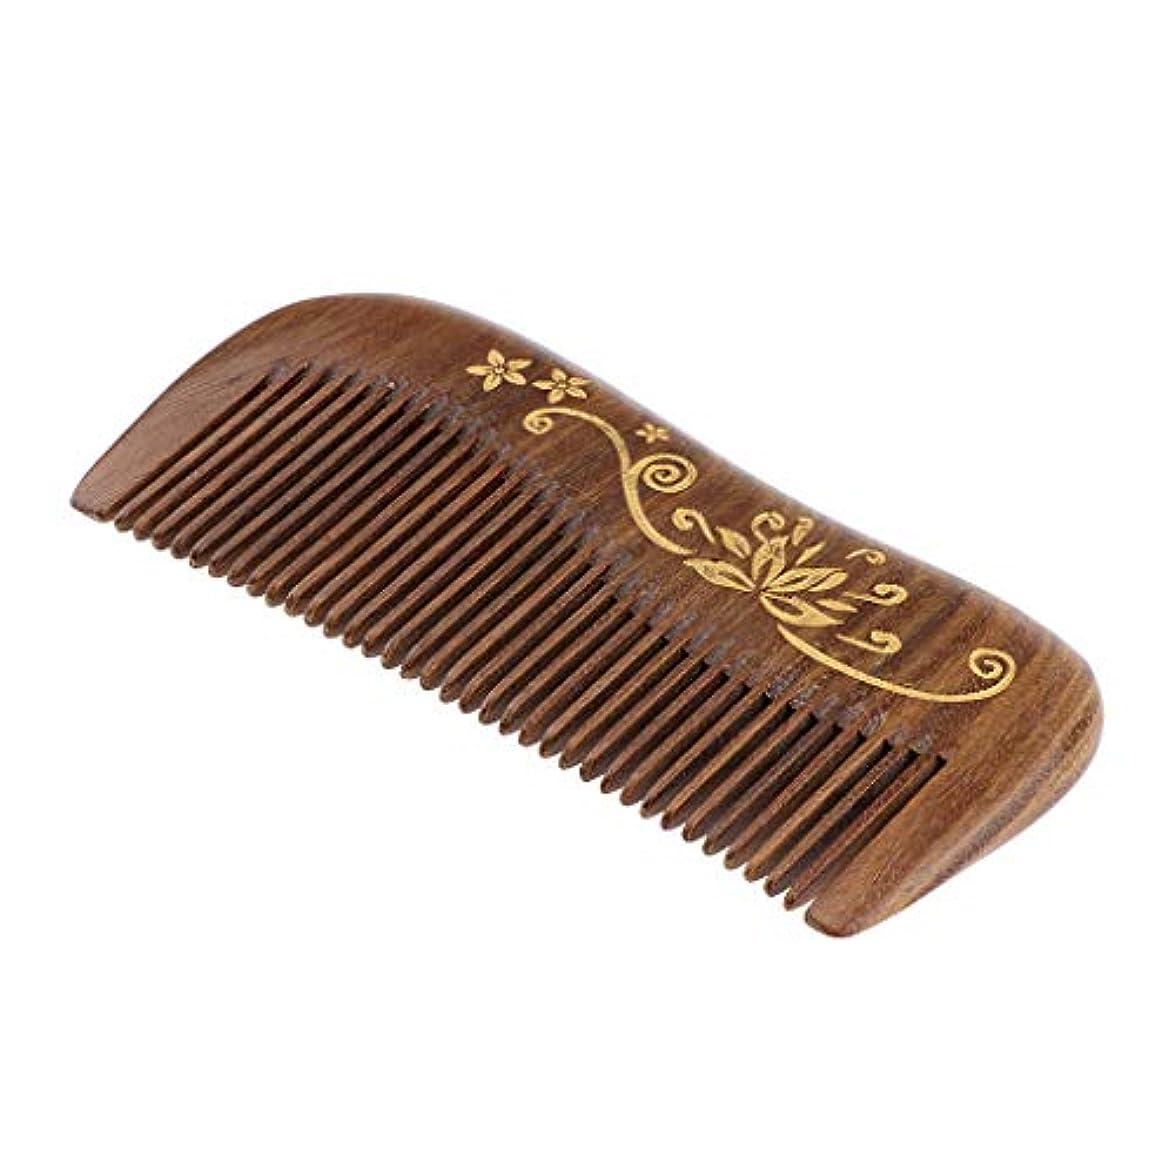 機械的有料元の絶妙な彫刻の広い歯のもつれをほどく木材の櫛は毛の破損の割れ目を減らします - #4